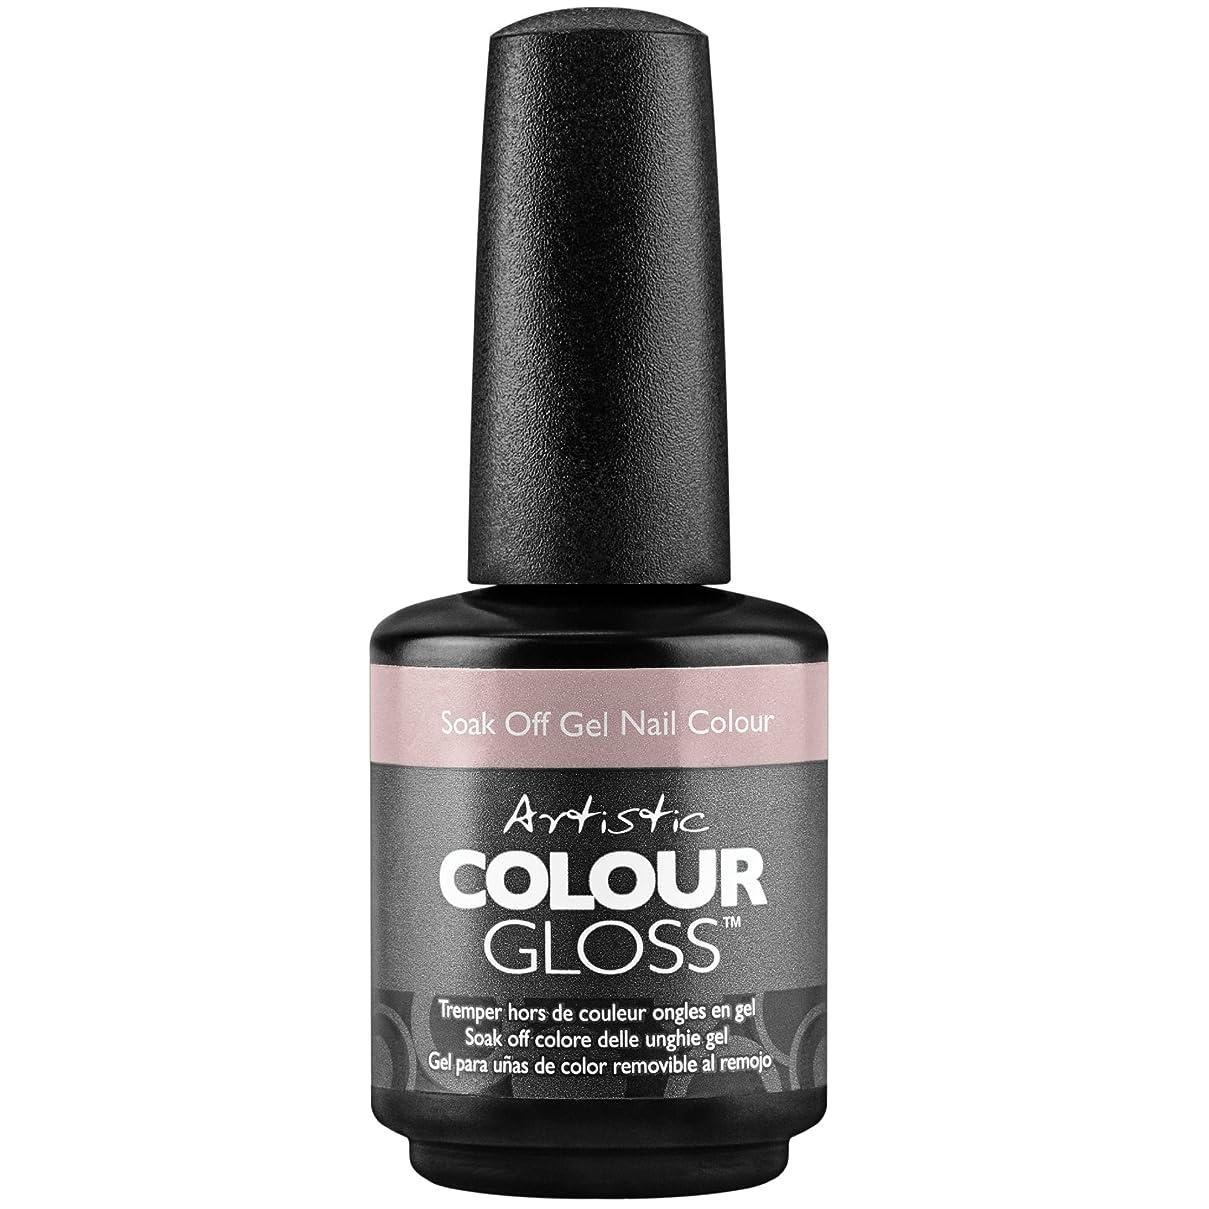 はっきりと浴室はっきりとArtistic Colour Gloss - Mud, Sweat, & Tears Collection - In My Zone - 15 mL / 0.5 oz